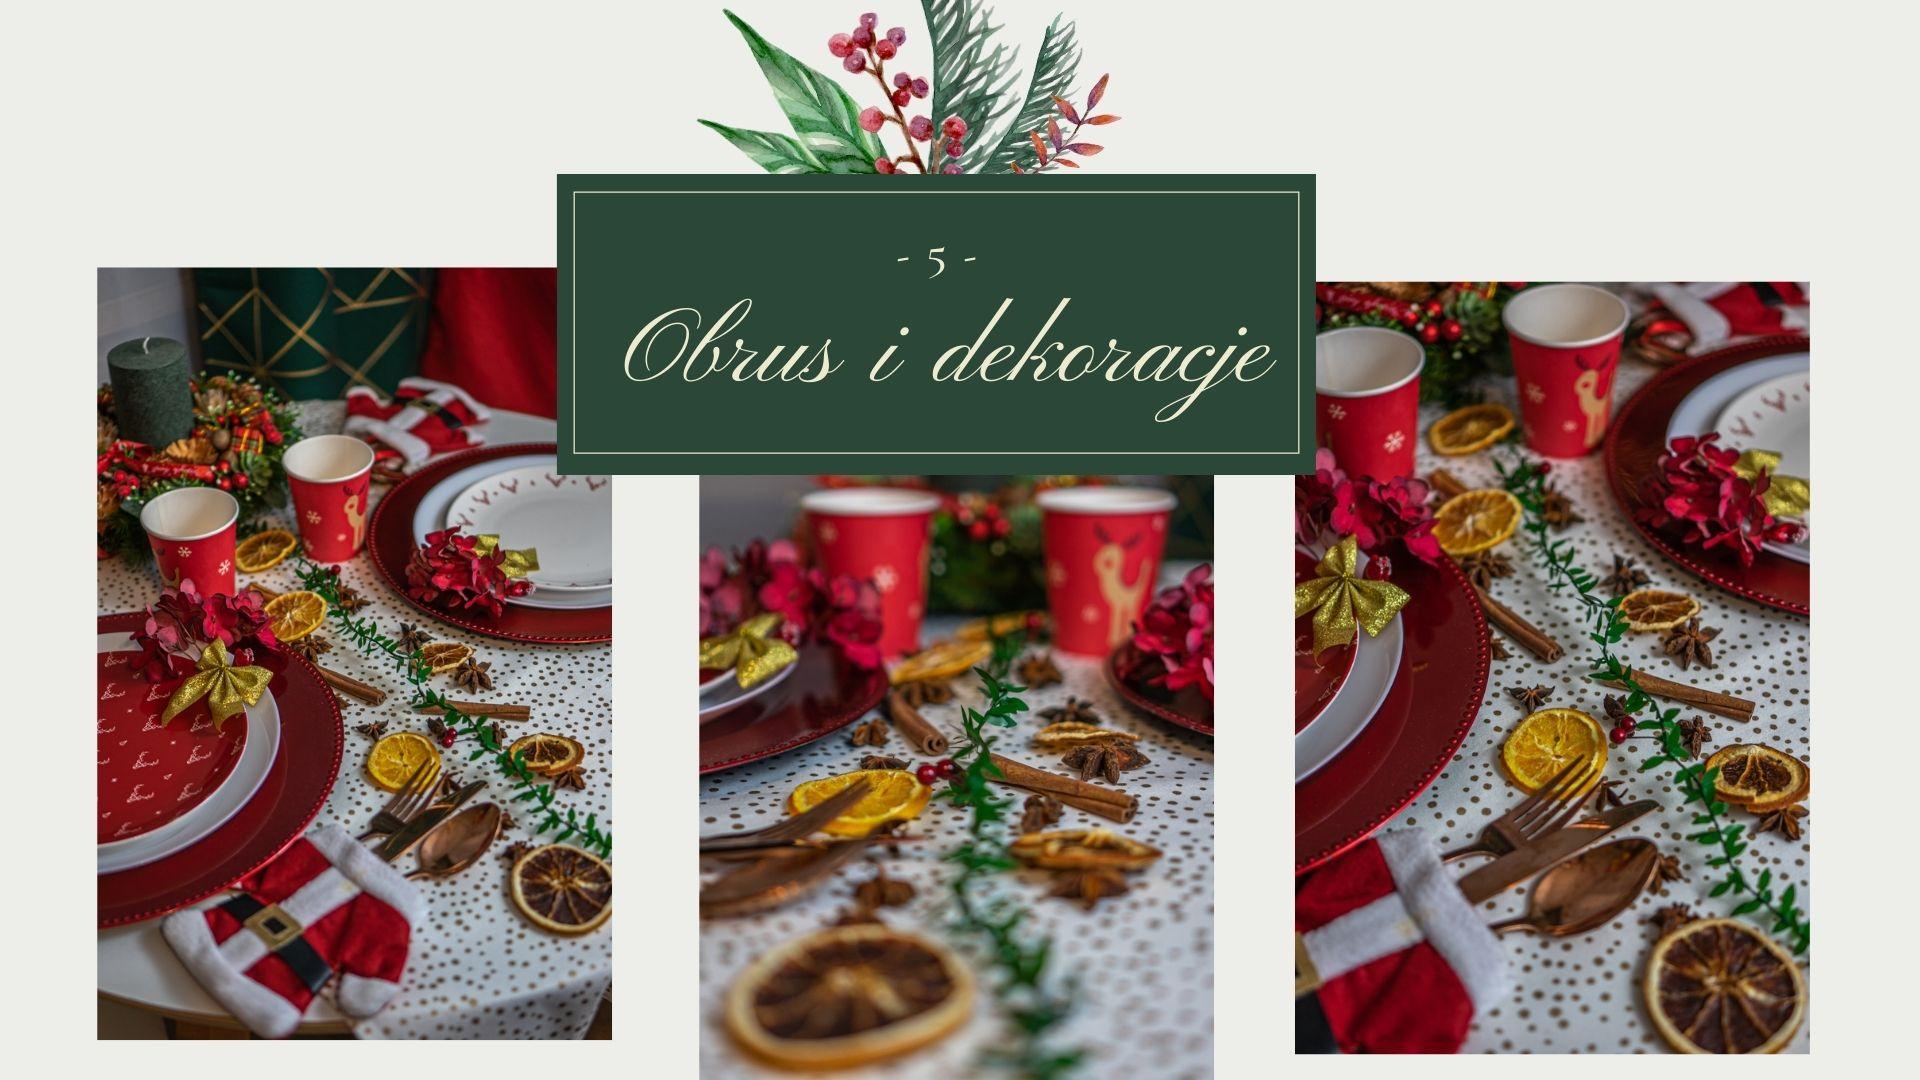 jak udekorować stół mieszkanie na swieta na boze narodzenie i wiglię pomysły na dekoracje świąteczne świąteczne talerze kubki obrus wieniec swiateczny na stół stroik dodatki świąteczne